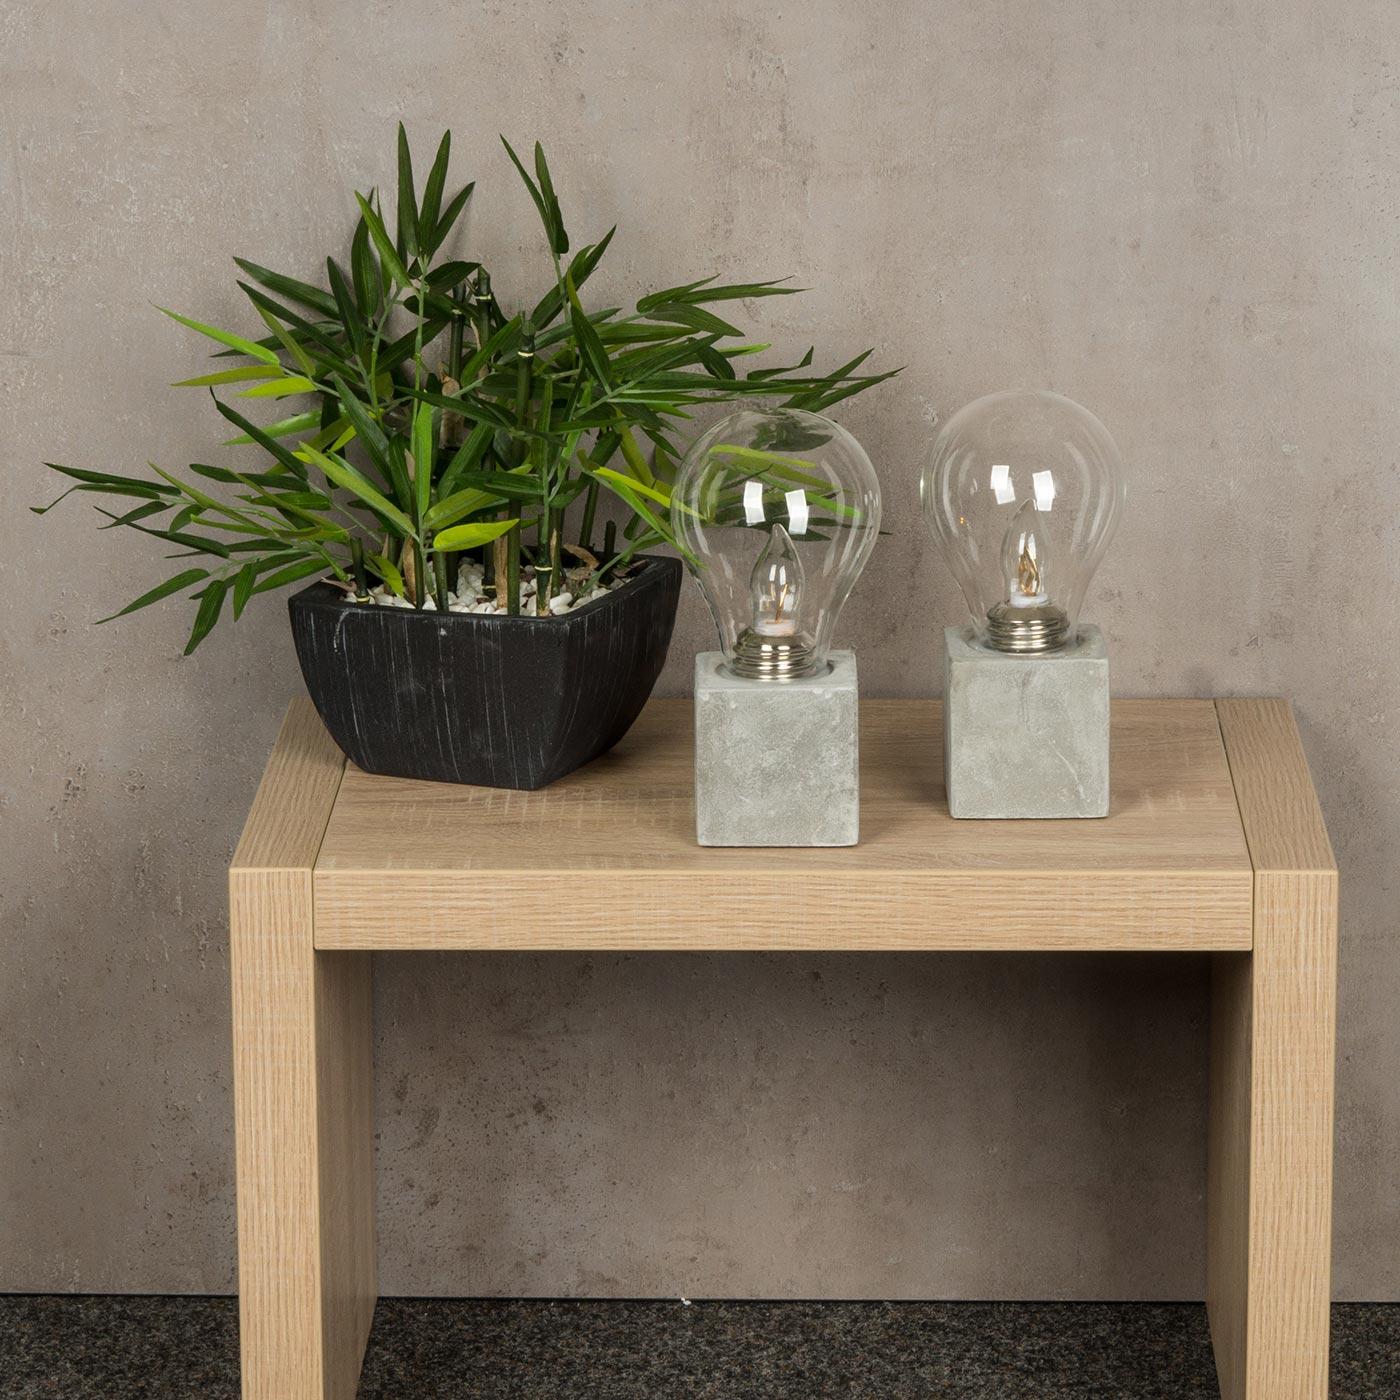 2er set tischleuchte 9 5x20cm led gl hbirne beton. Black Bedroom Furniture Sets. Home Design Ideas